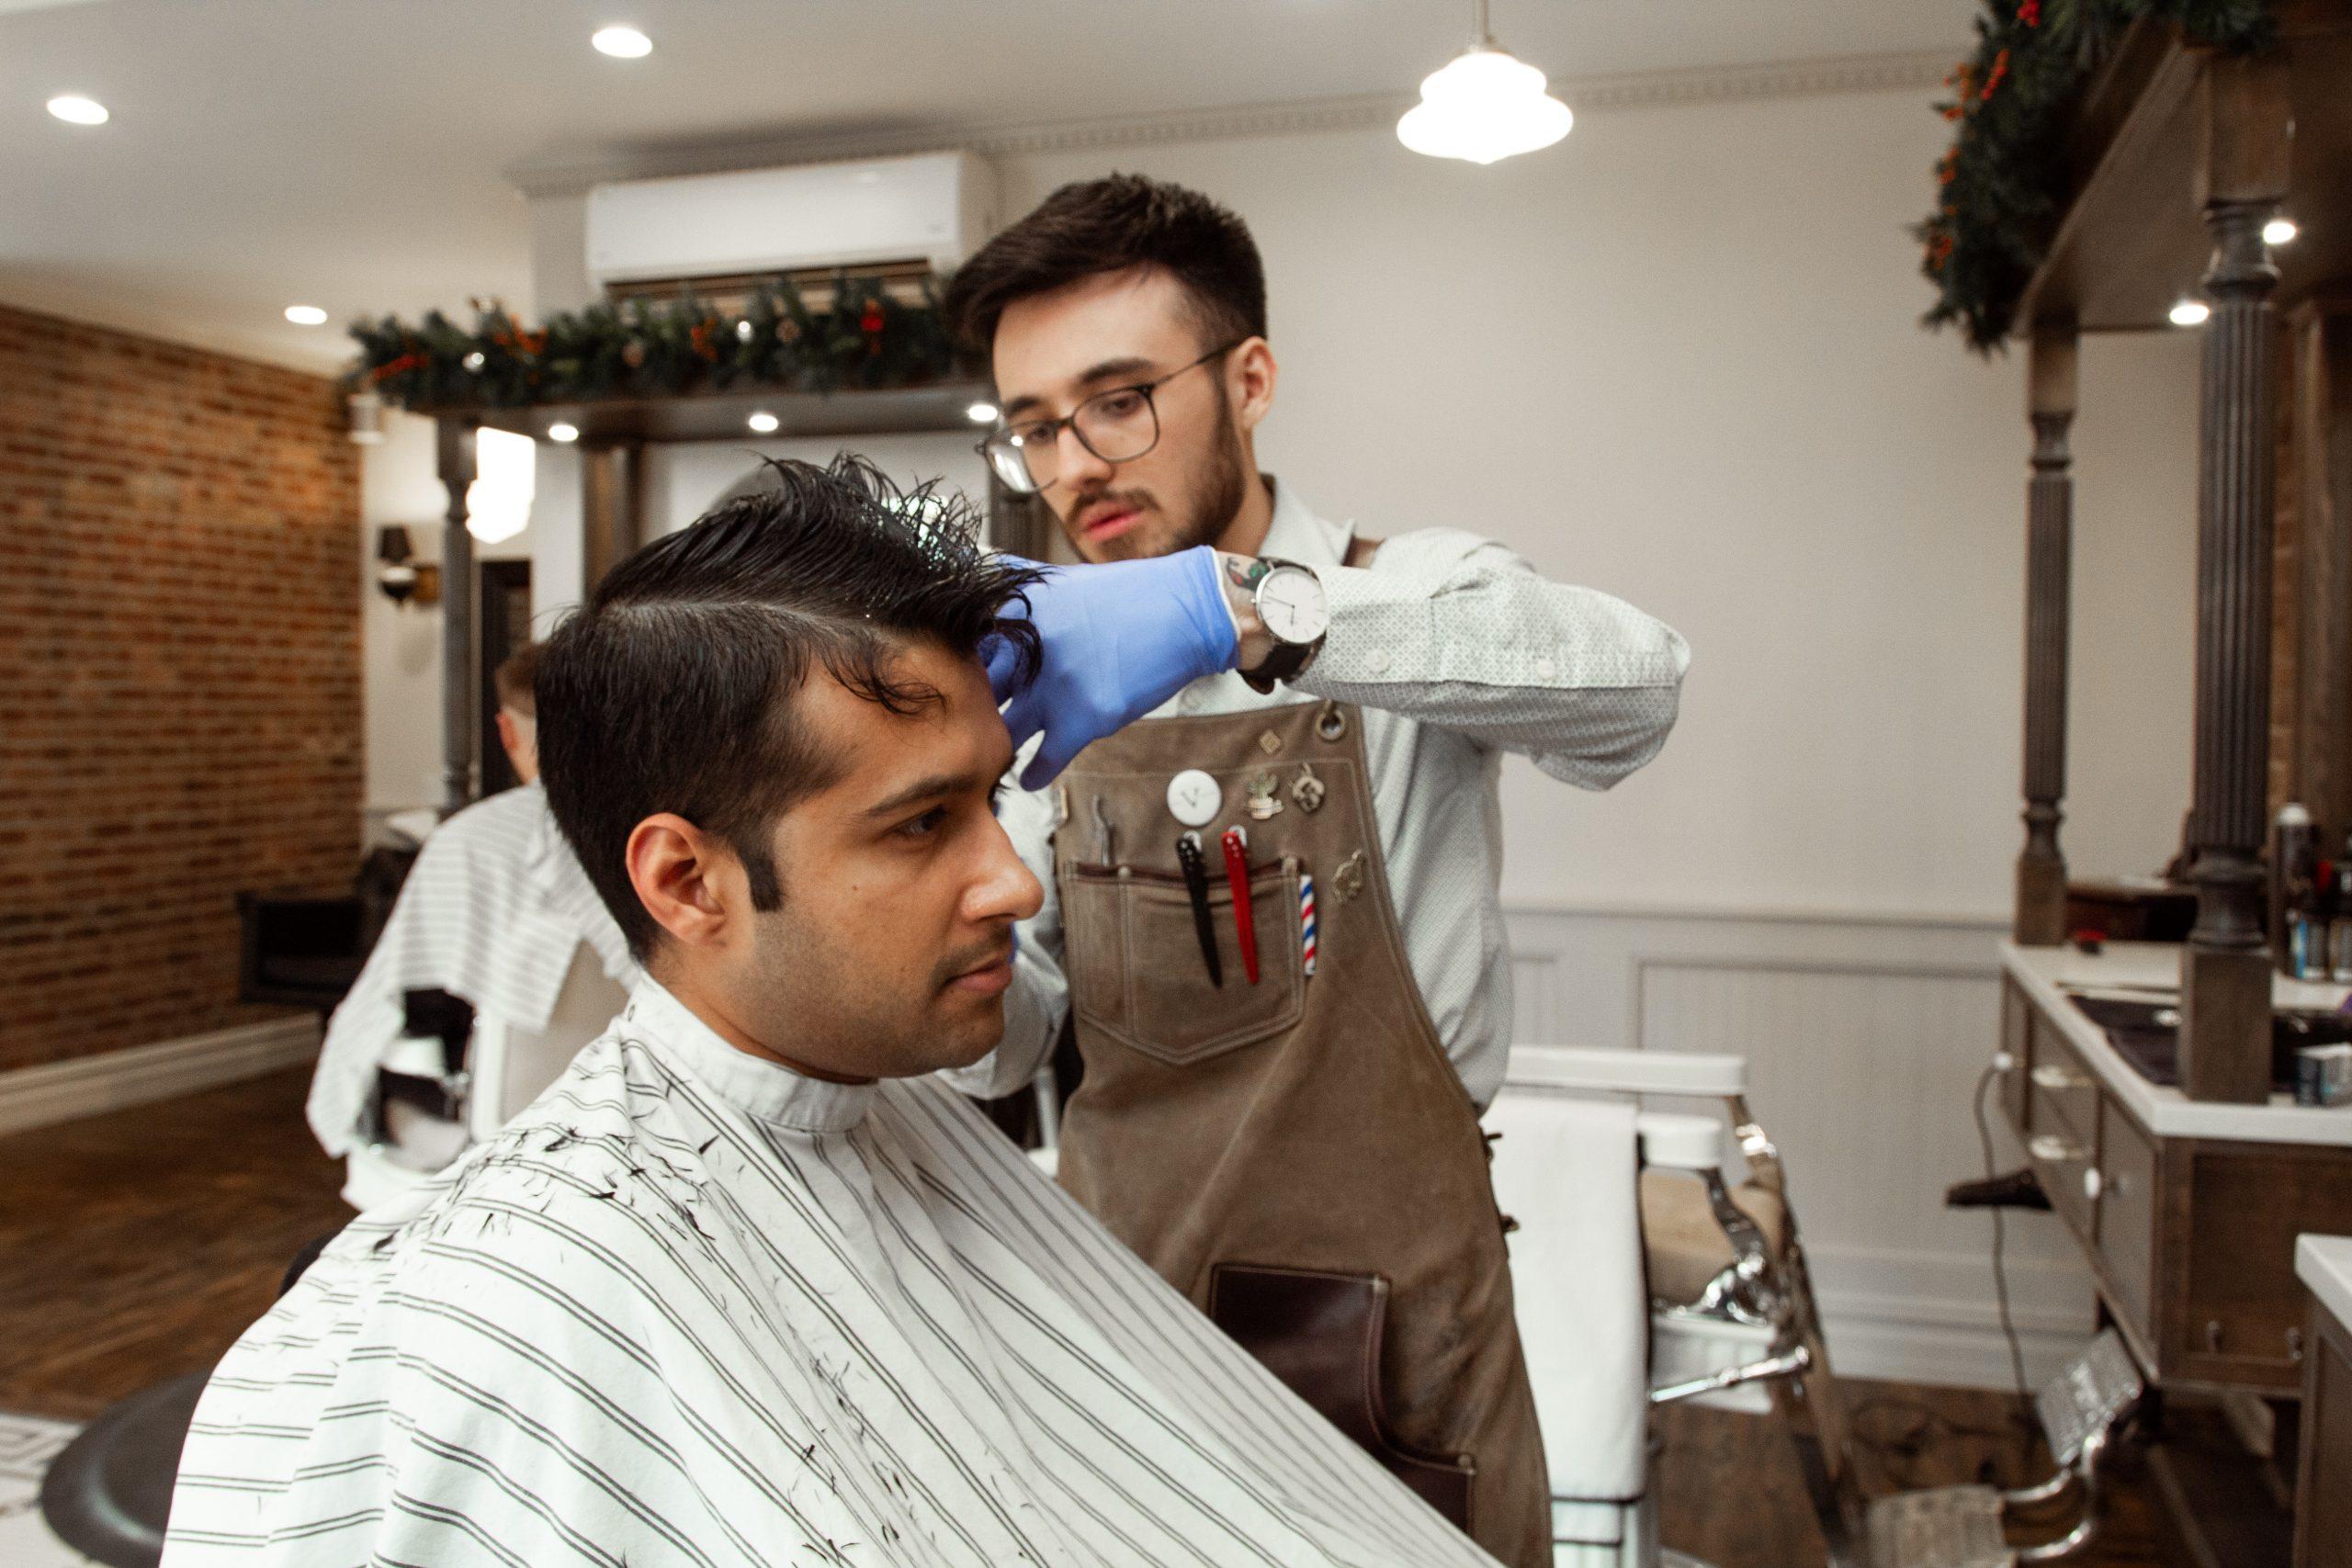 Barbeiro de luva azul e macacão cortando cabelo de cliente